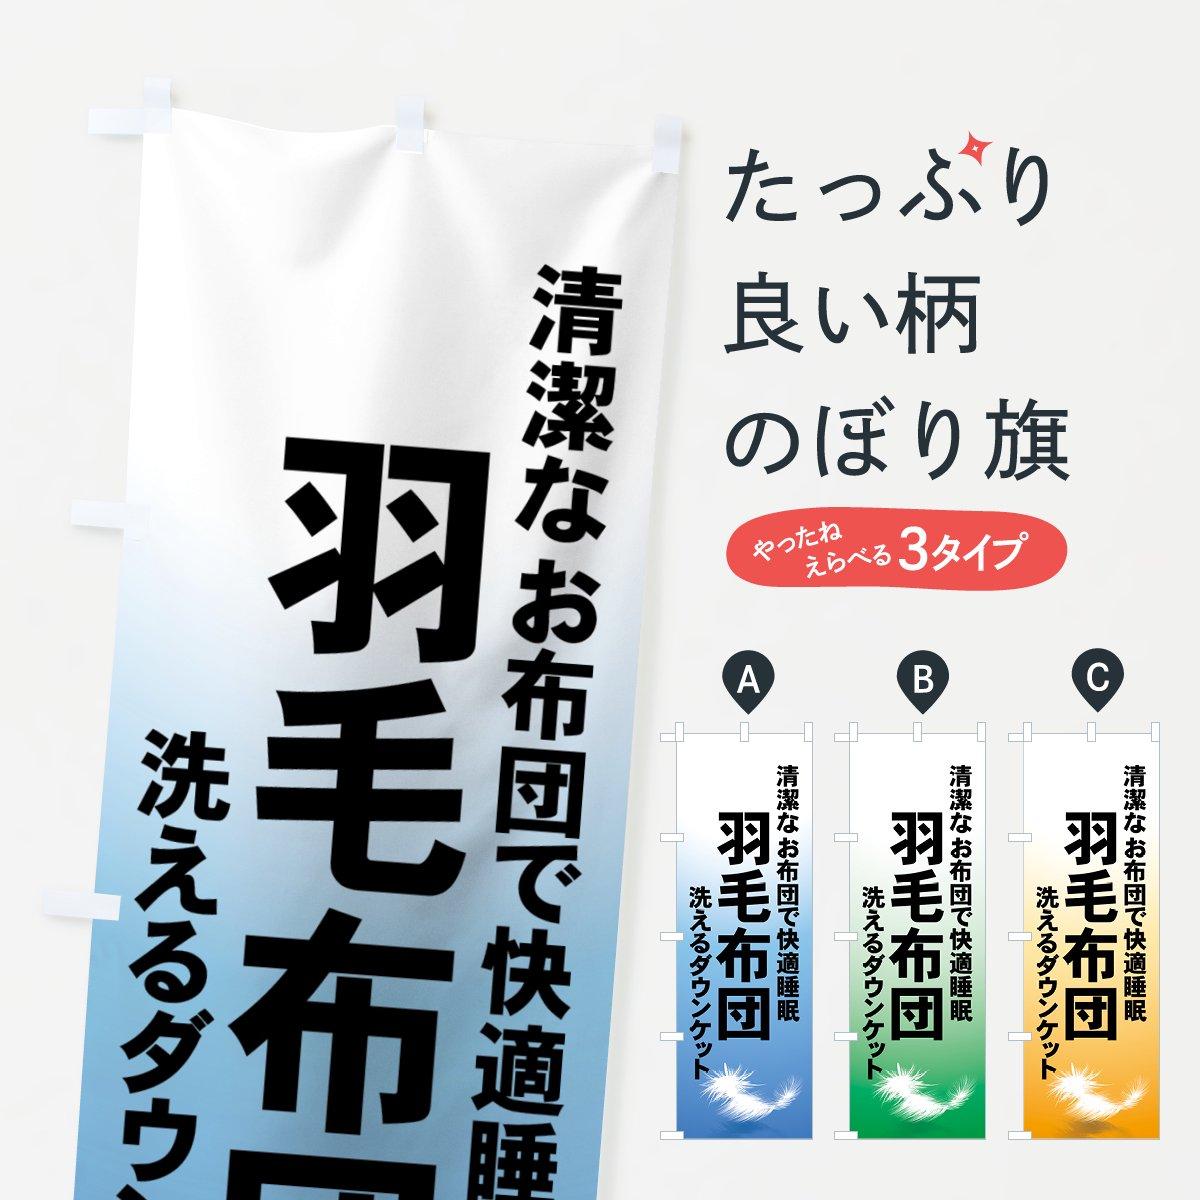 羽毛布団のぼり旗【洗えるダウンケット】[布団屋][生活用品]